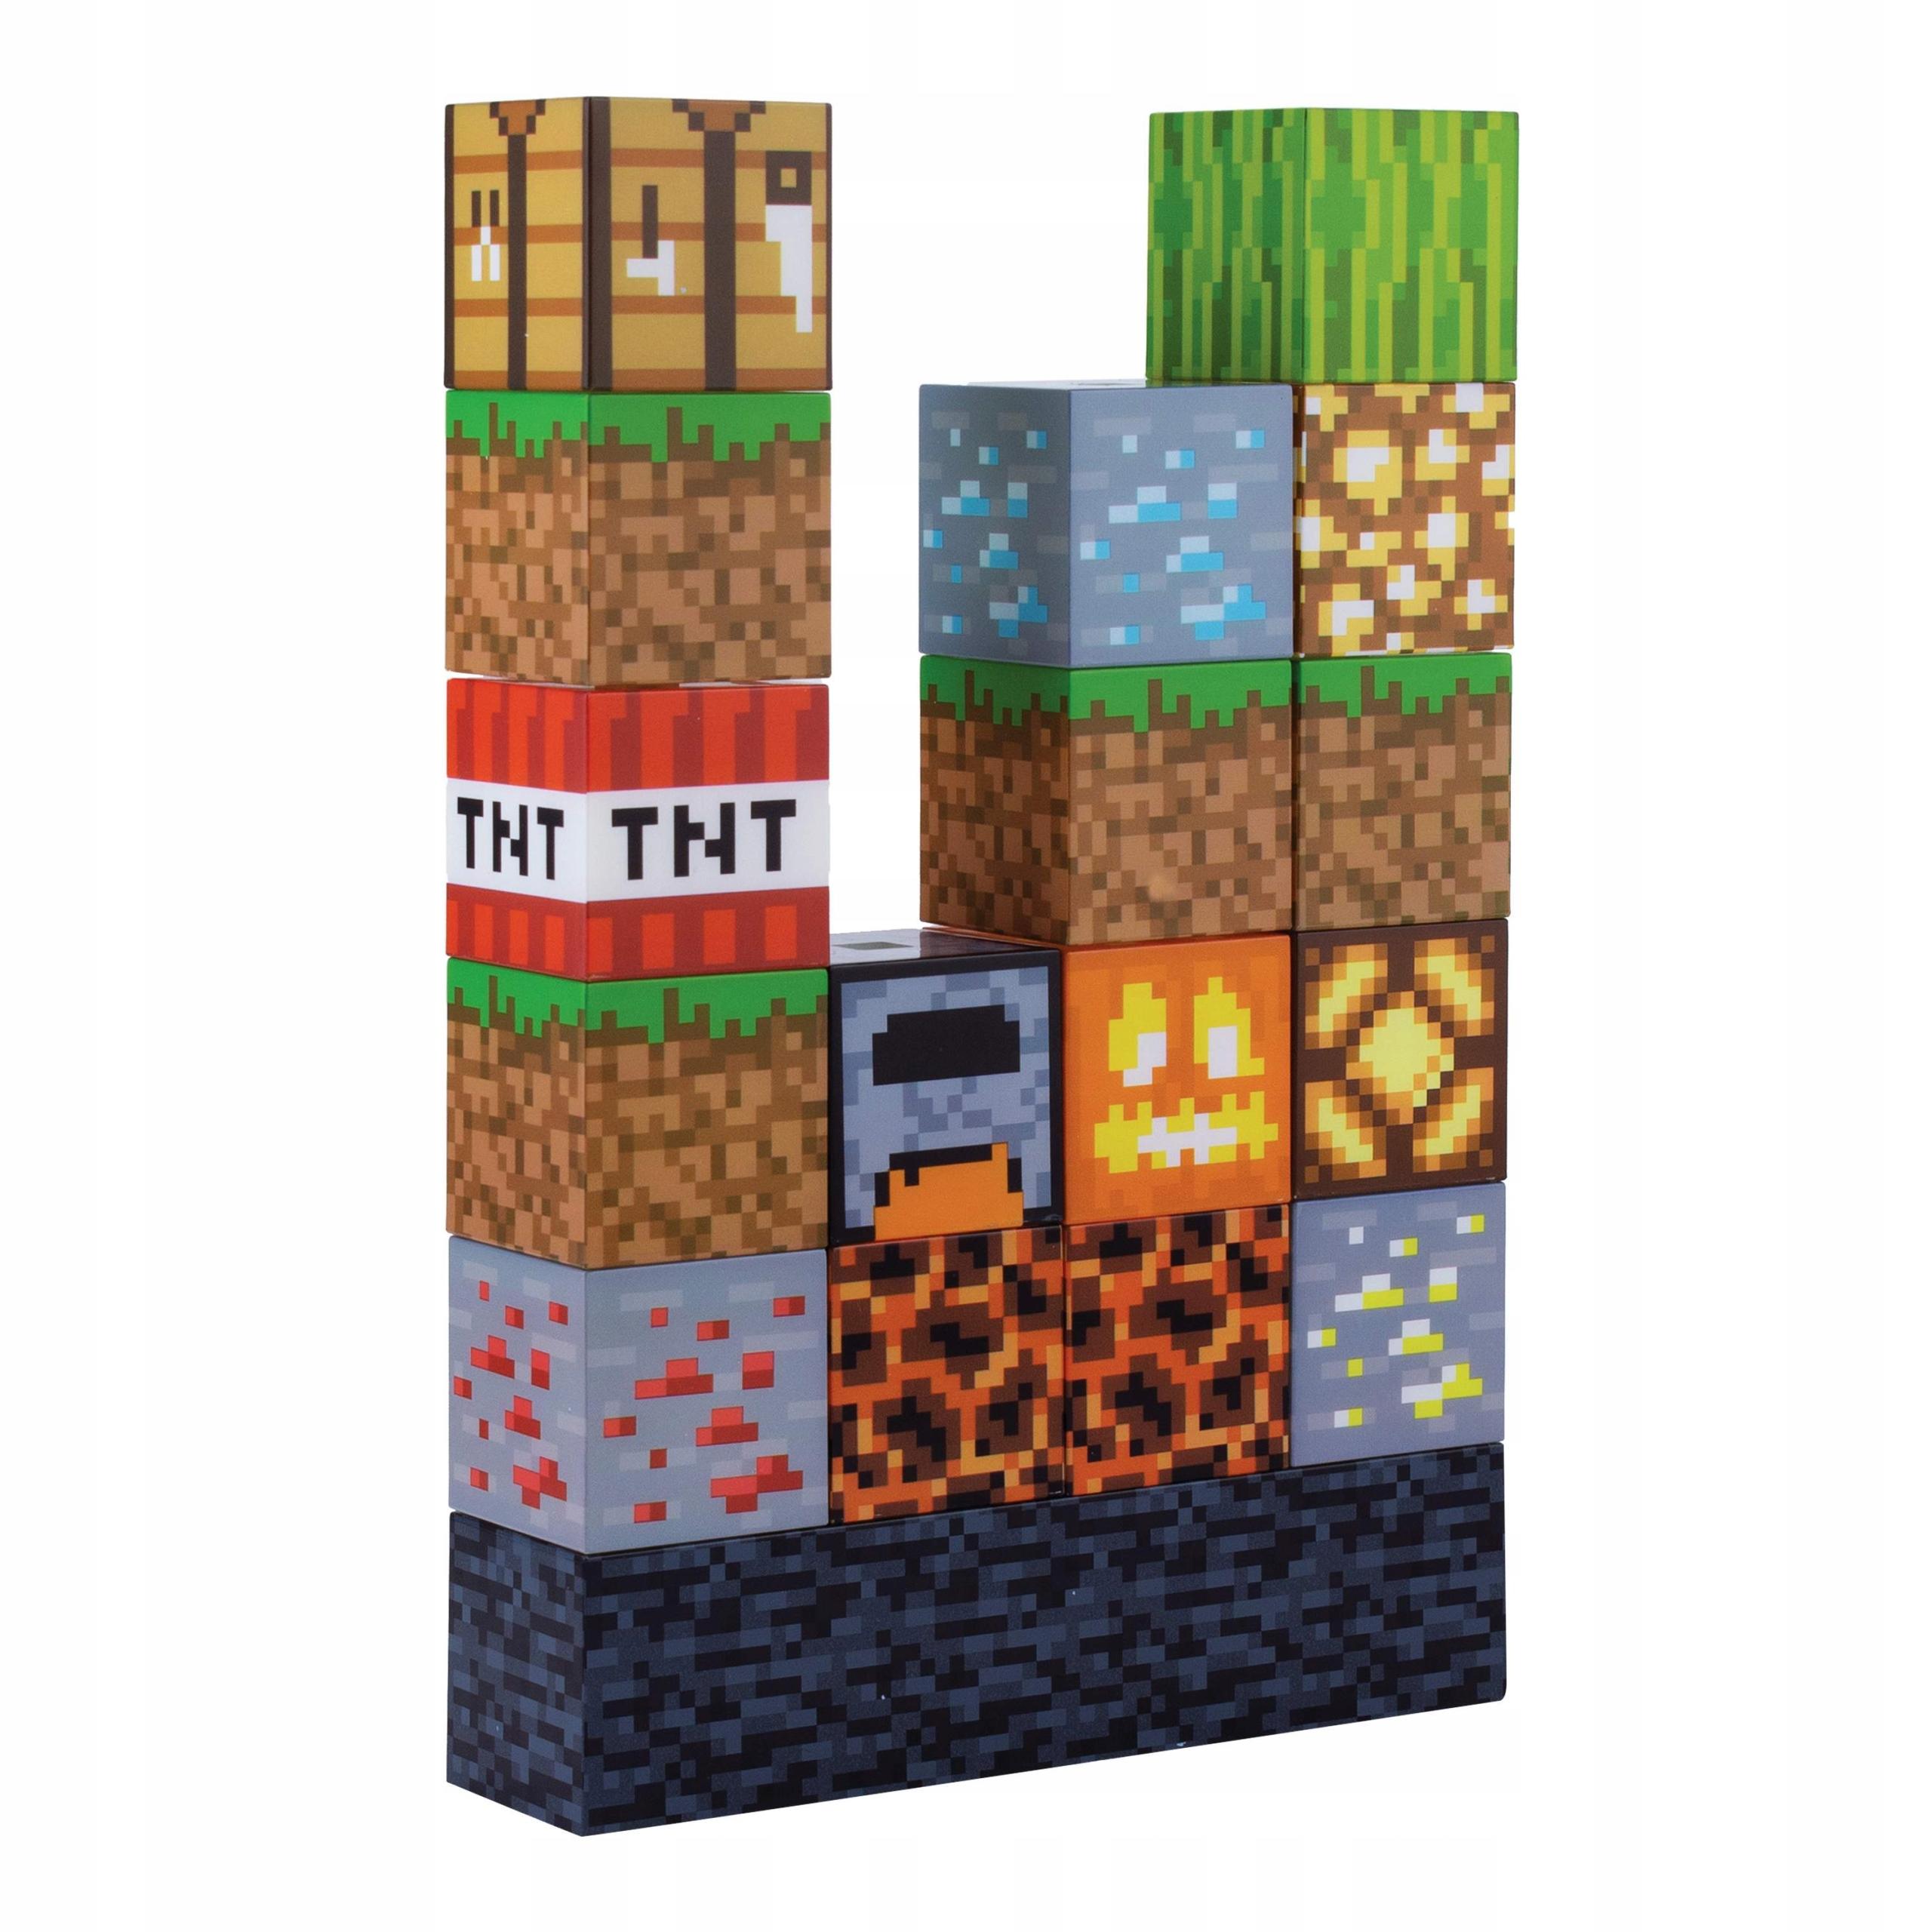 Lampka nocna Minecraft do układania 16 bloków